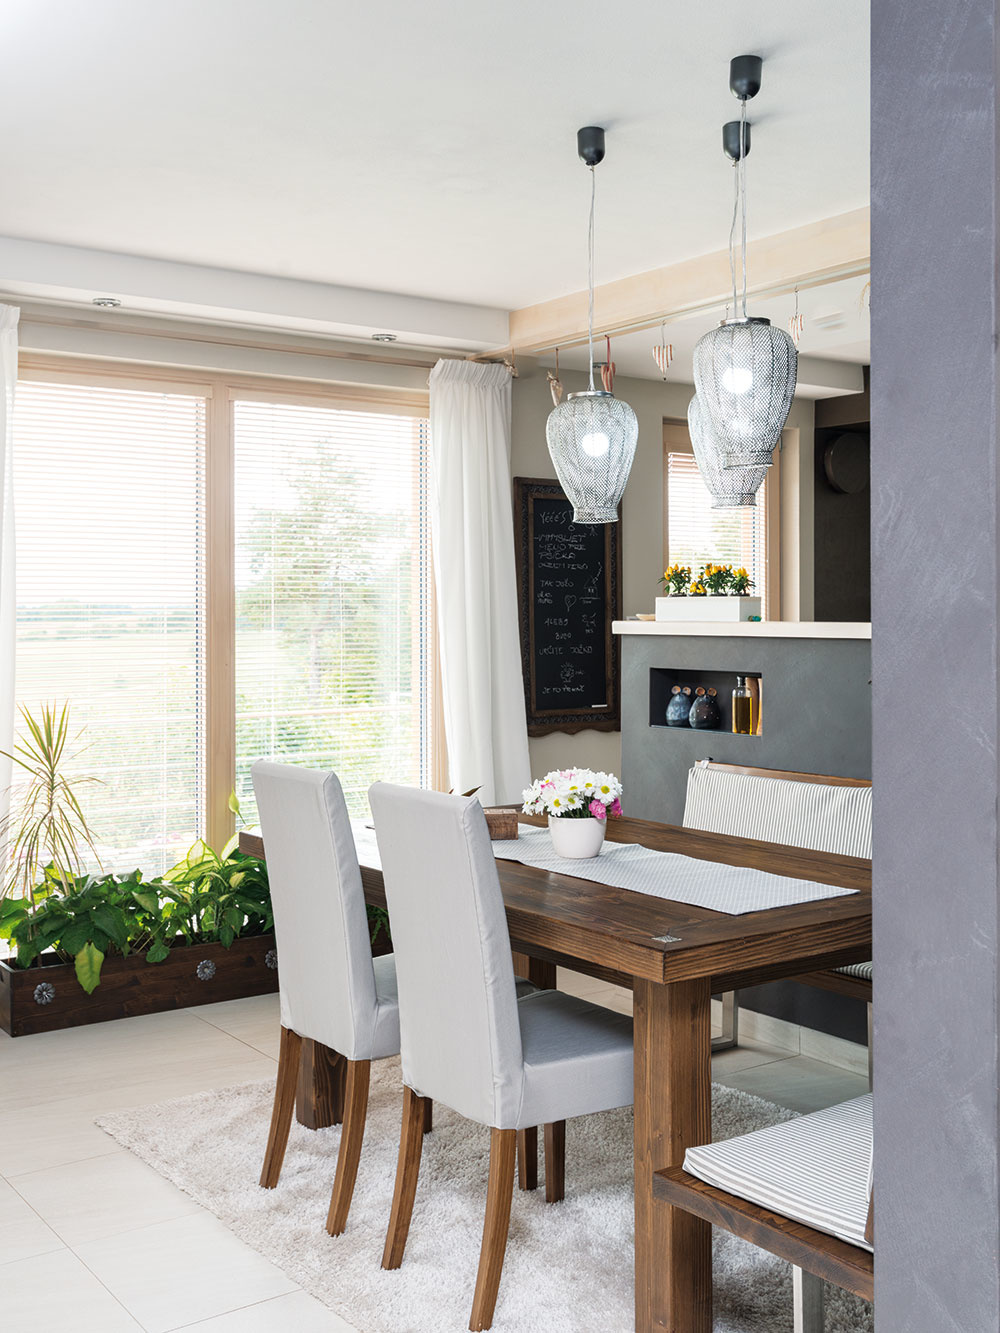 Interiéry sú dielom majiteľky, rovnako ako návrh celého domu, ktorý koncipovala ako maximálne úsporný a postavený z recyklovateľných materiálov.